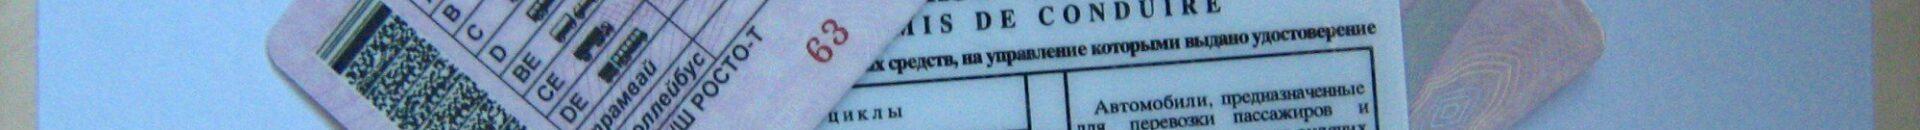 Перевод водительских удостоверений и других документов с нотариальным заверением